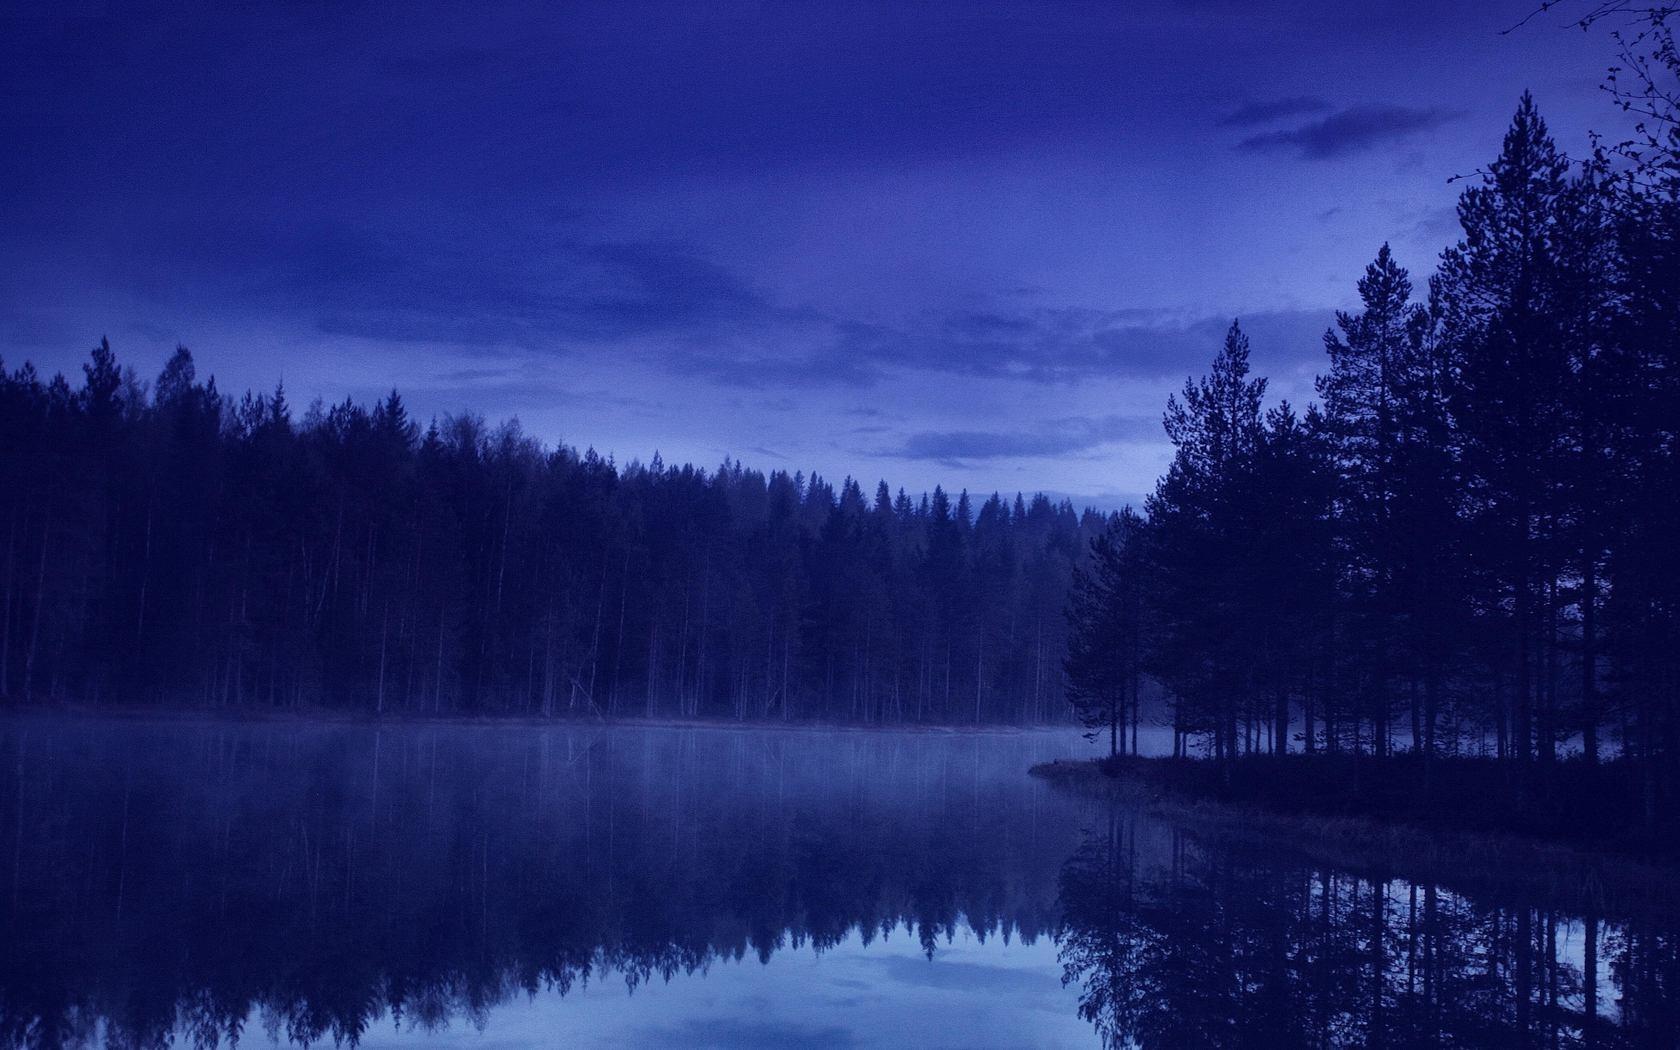 накоплен картинки мрачные речек в ночи маленькой лесенкой, установленной